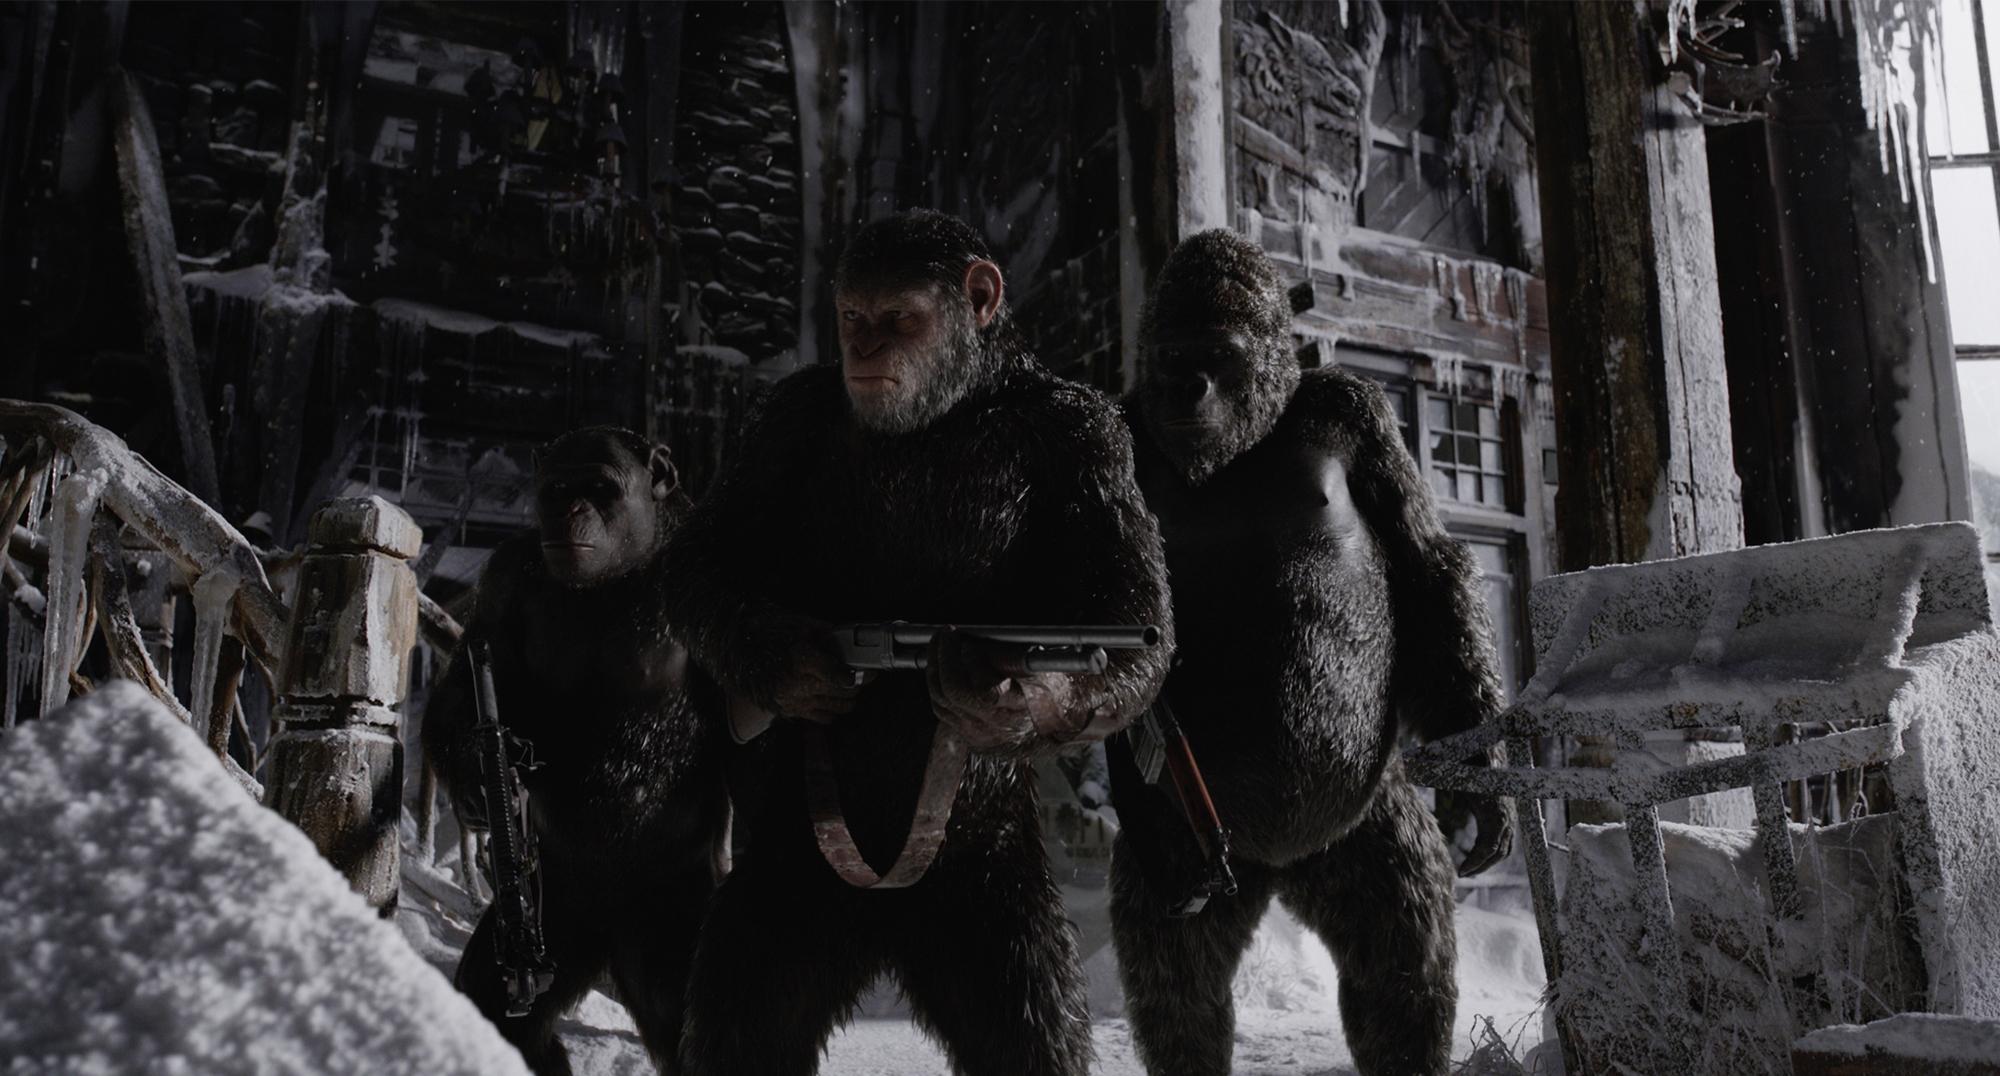 война за планету обезьян кадр 7